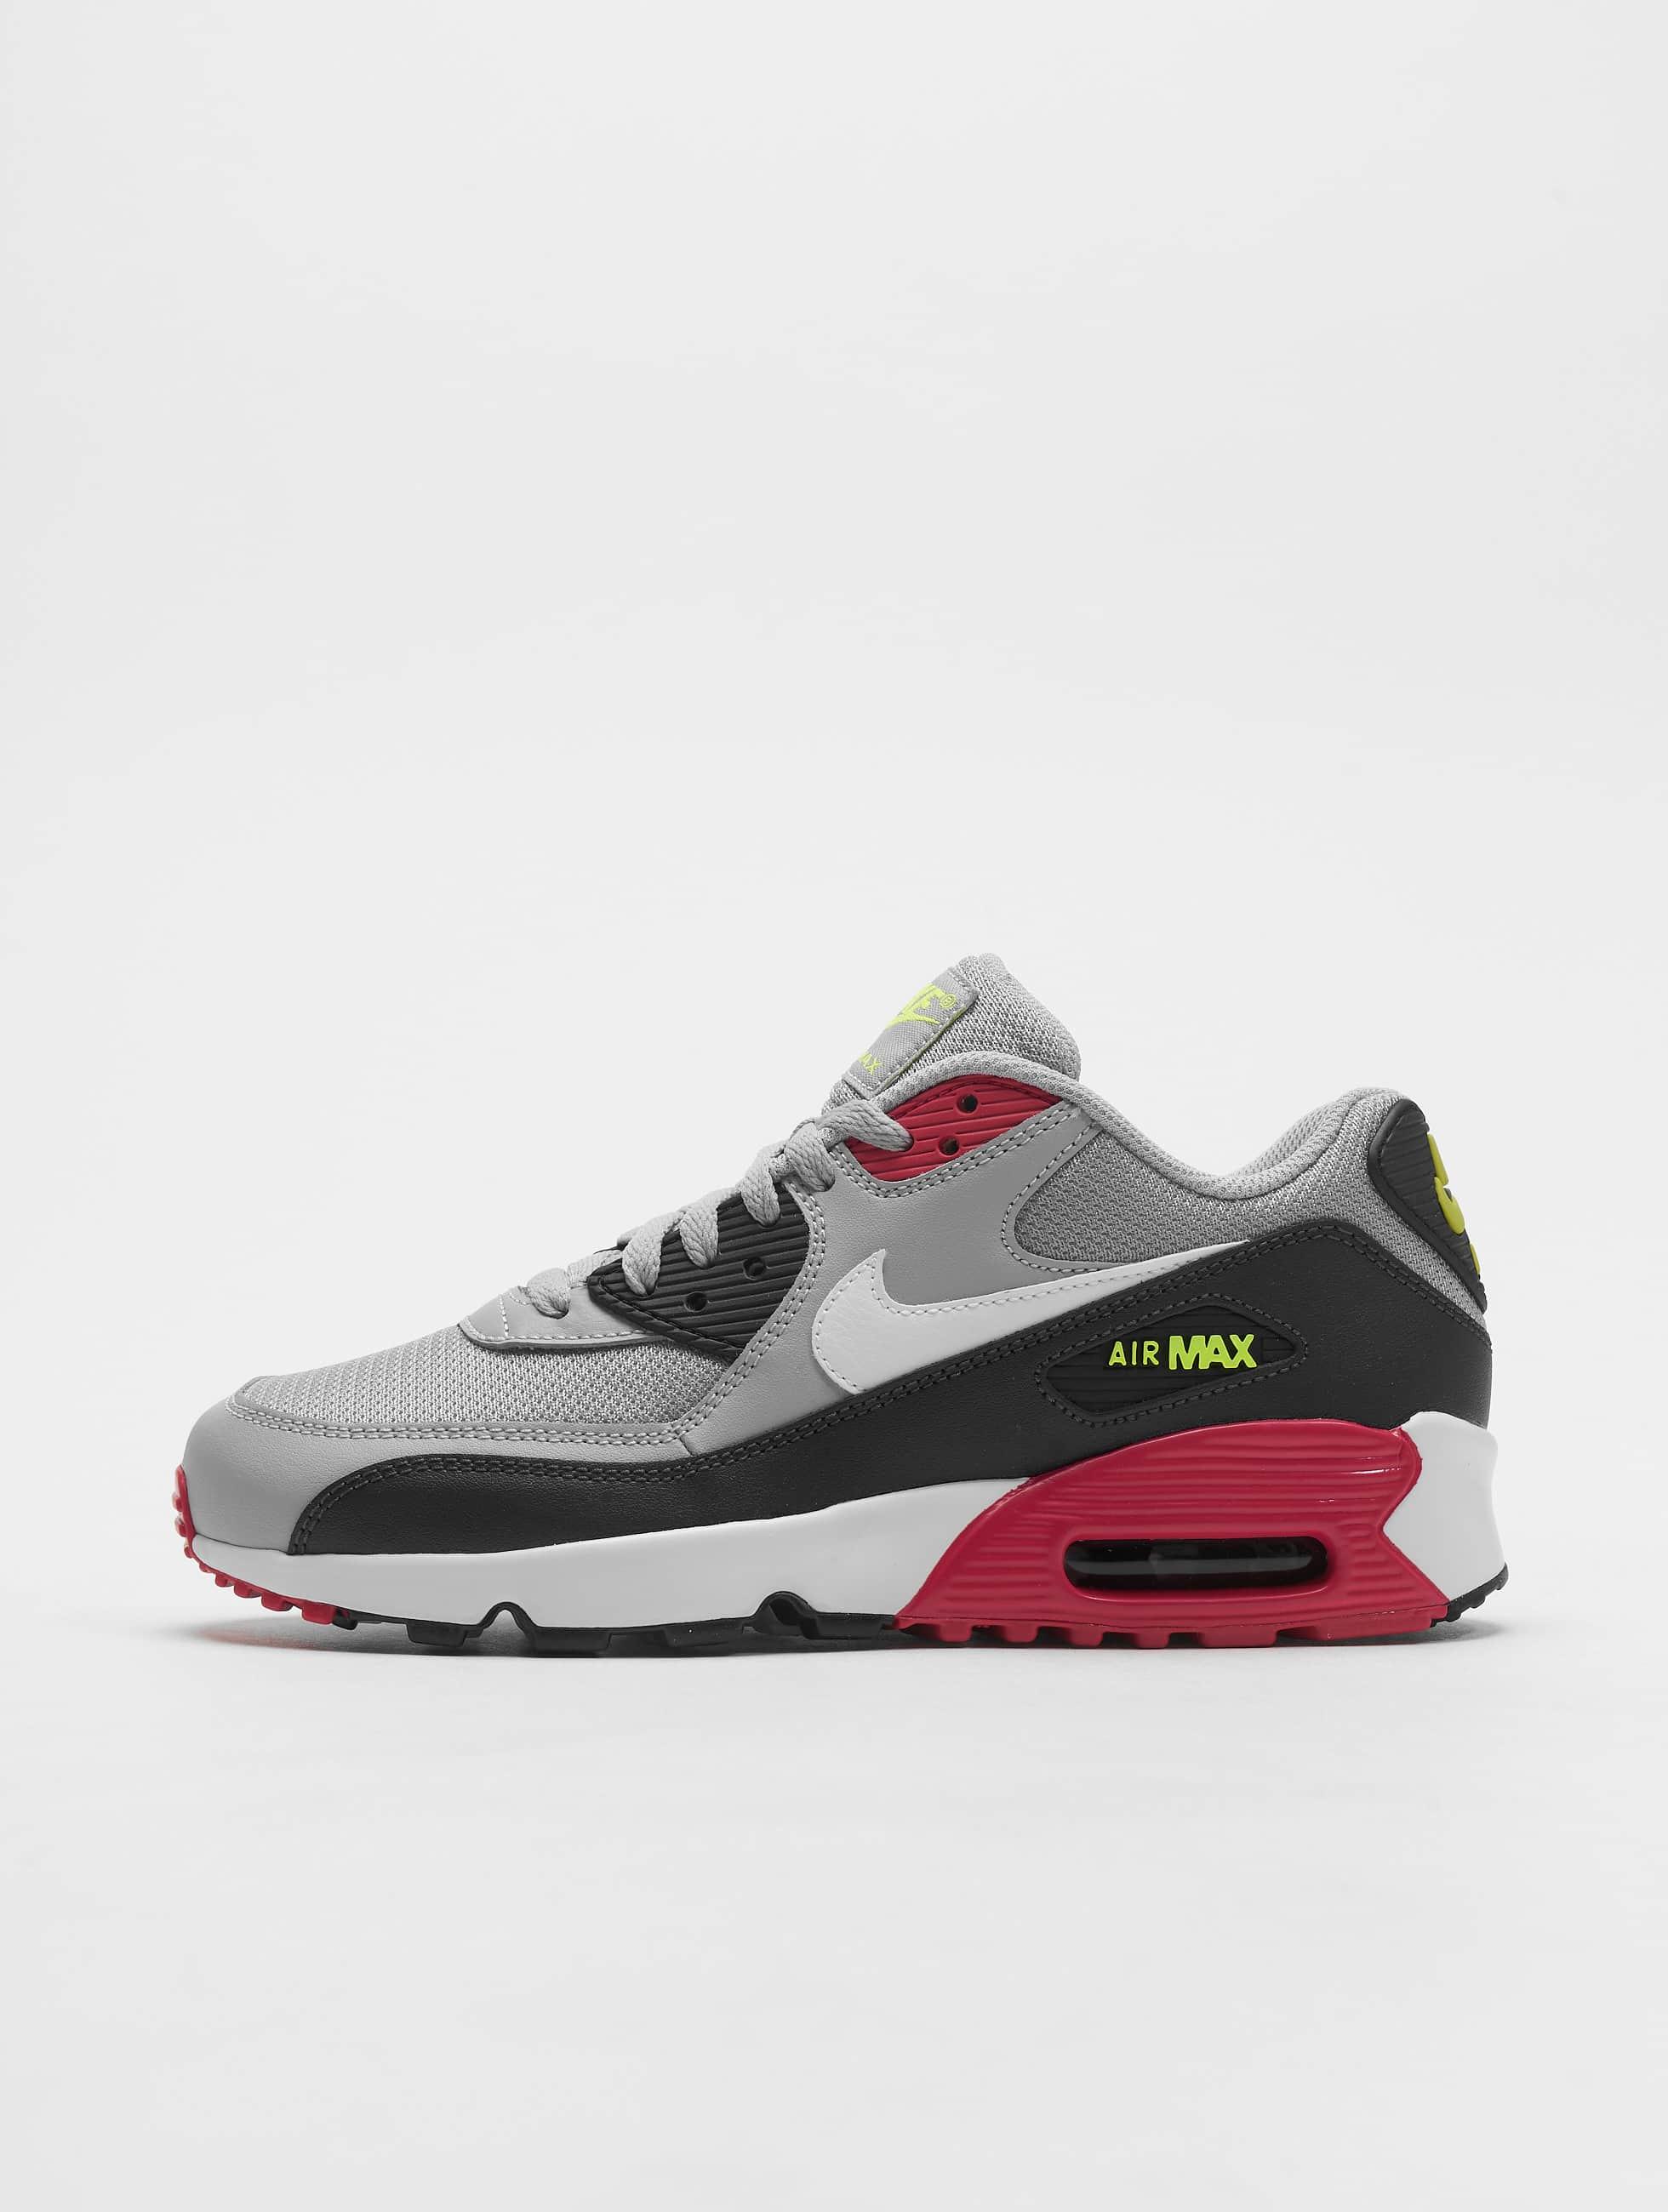 Hoge Beoordeling Nike Air Max 90 Dames Officiële Korting